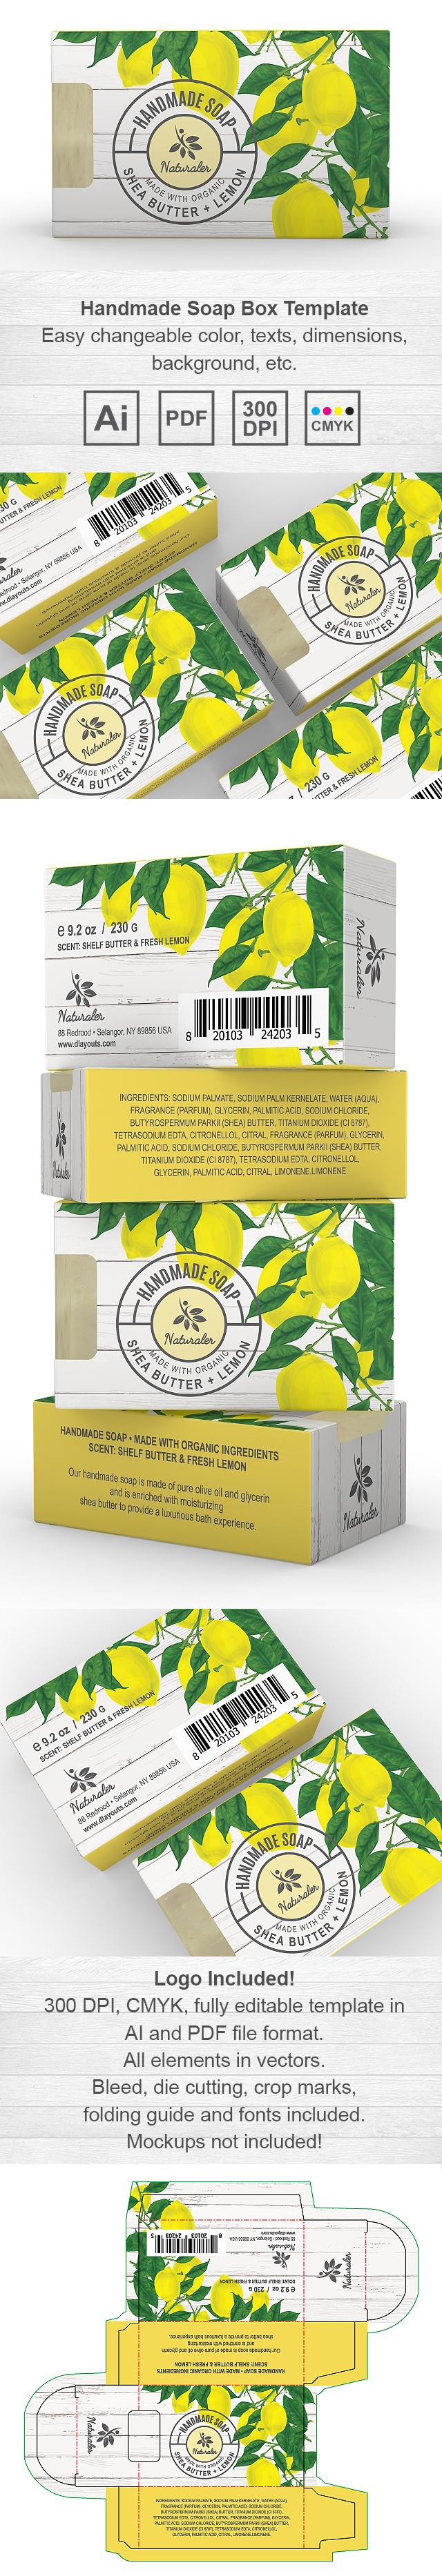 Handmade Lemon Soap Packaging Template